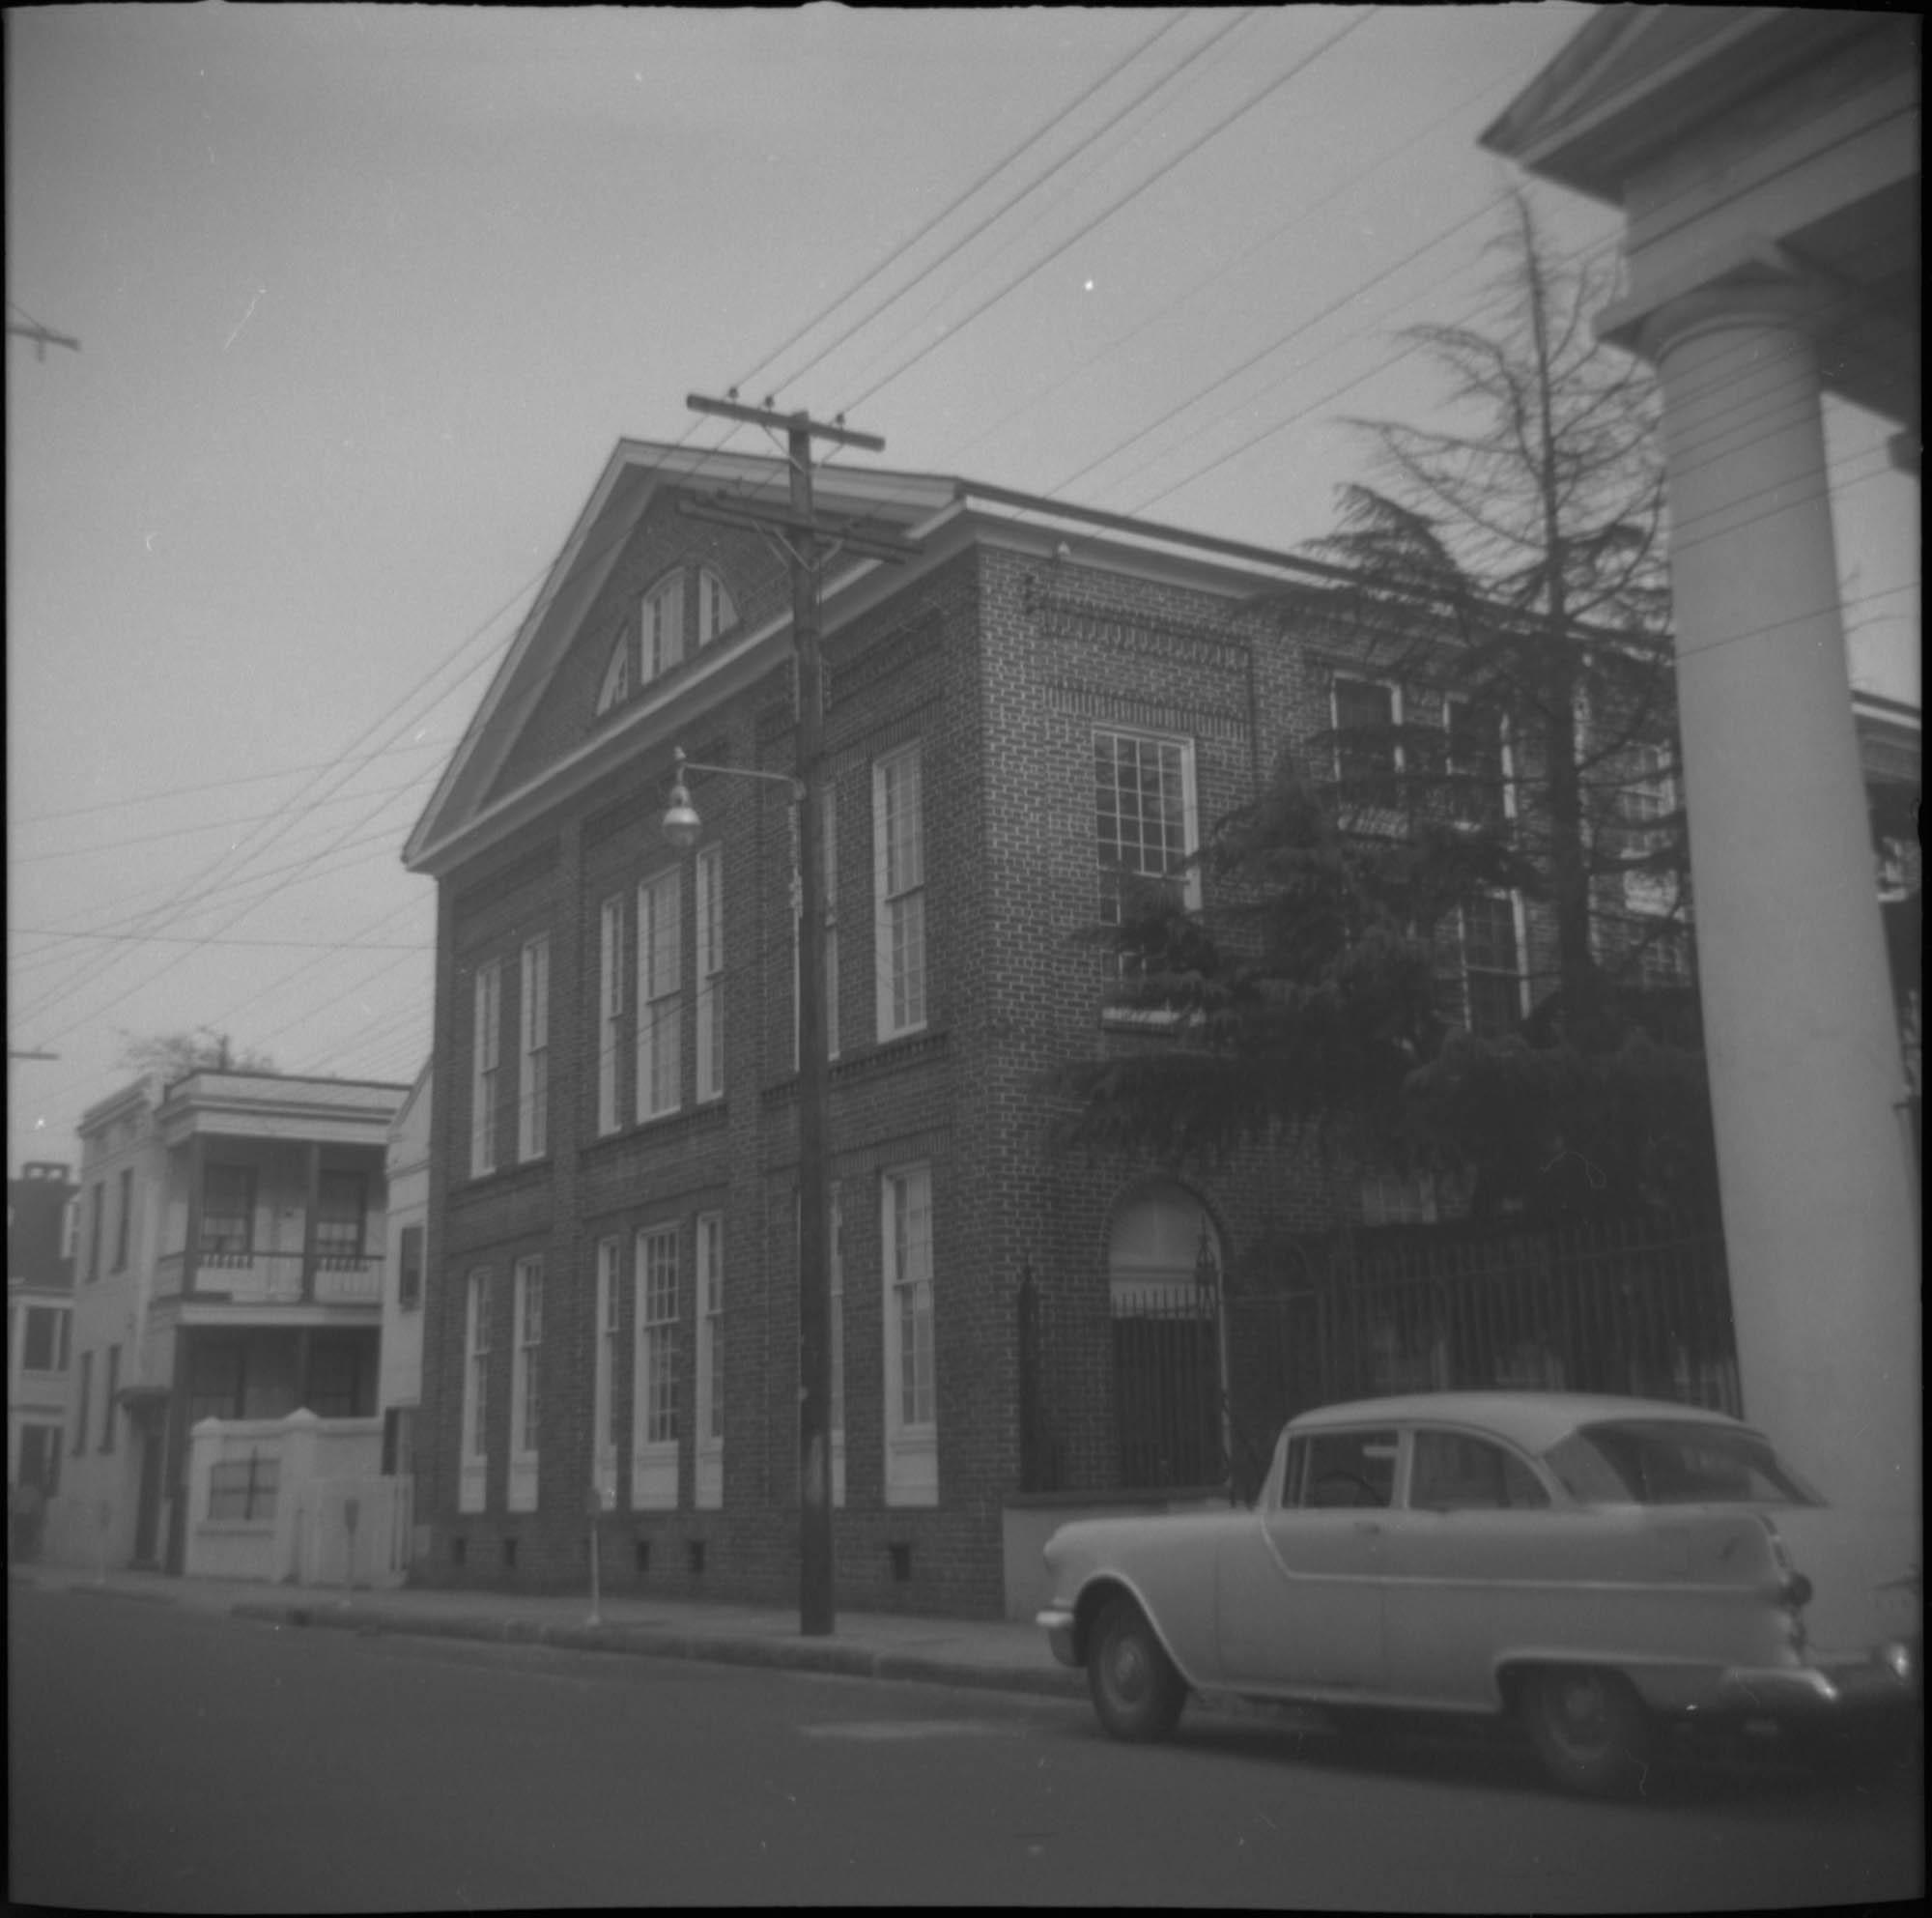 37 Wentworth Street